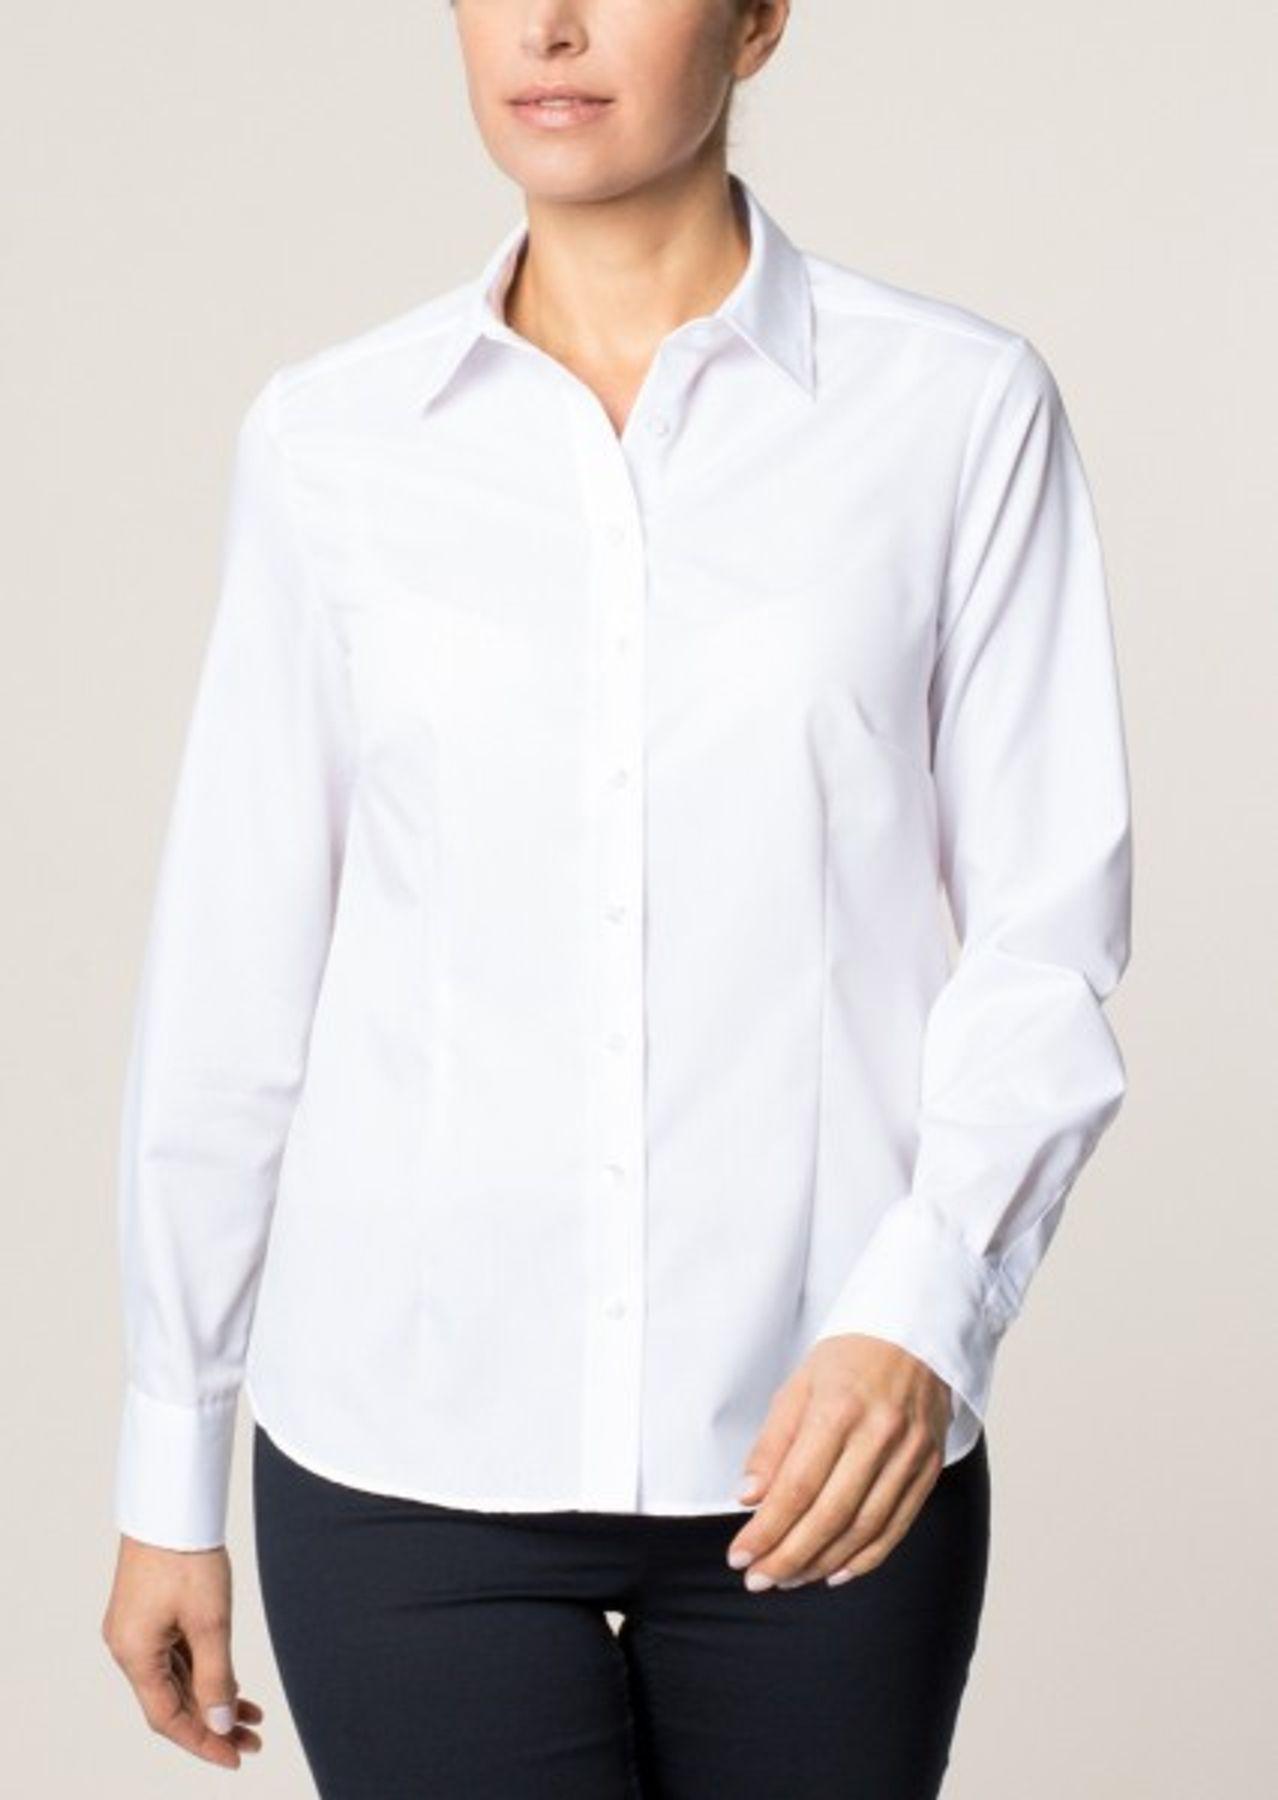 Eterna -  Comfort-Fit - Bügelfreie Damen Langarm - Bluse in Weiß, Blau, Rosè oder Schwarz (5220 D670) – Bild 15